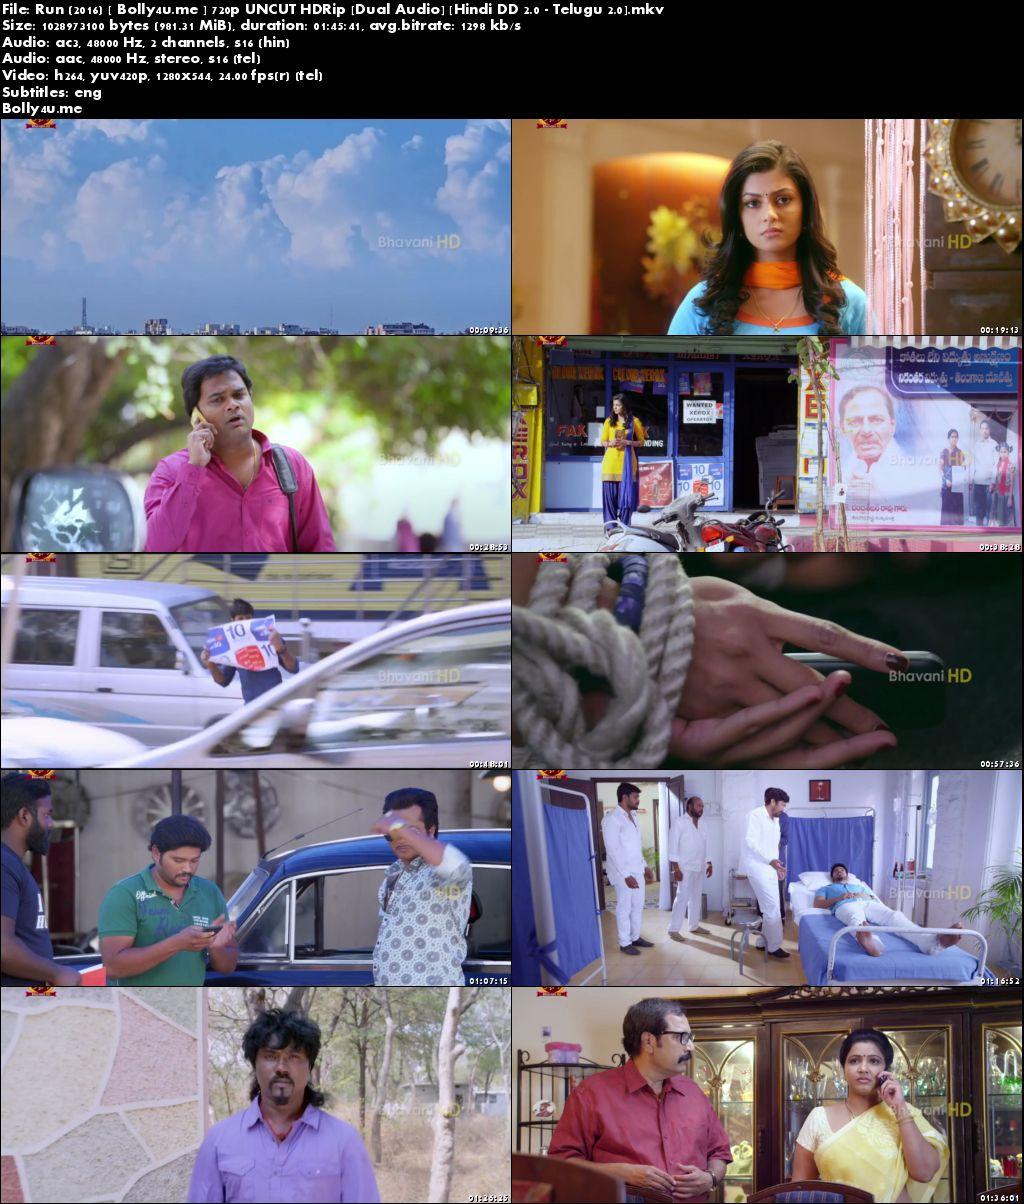 Run 2016 HDRip 350MB UNCUT Hindi Dual Audio 480p ESub Download